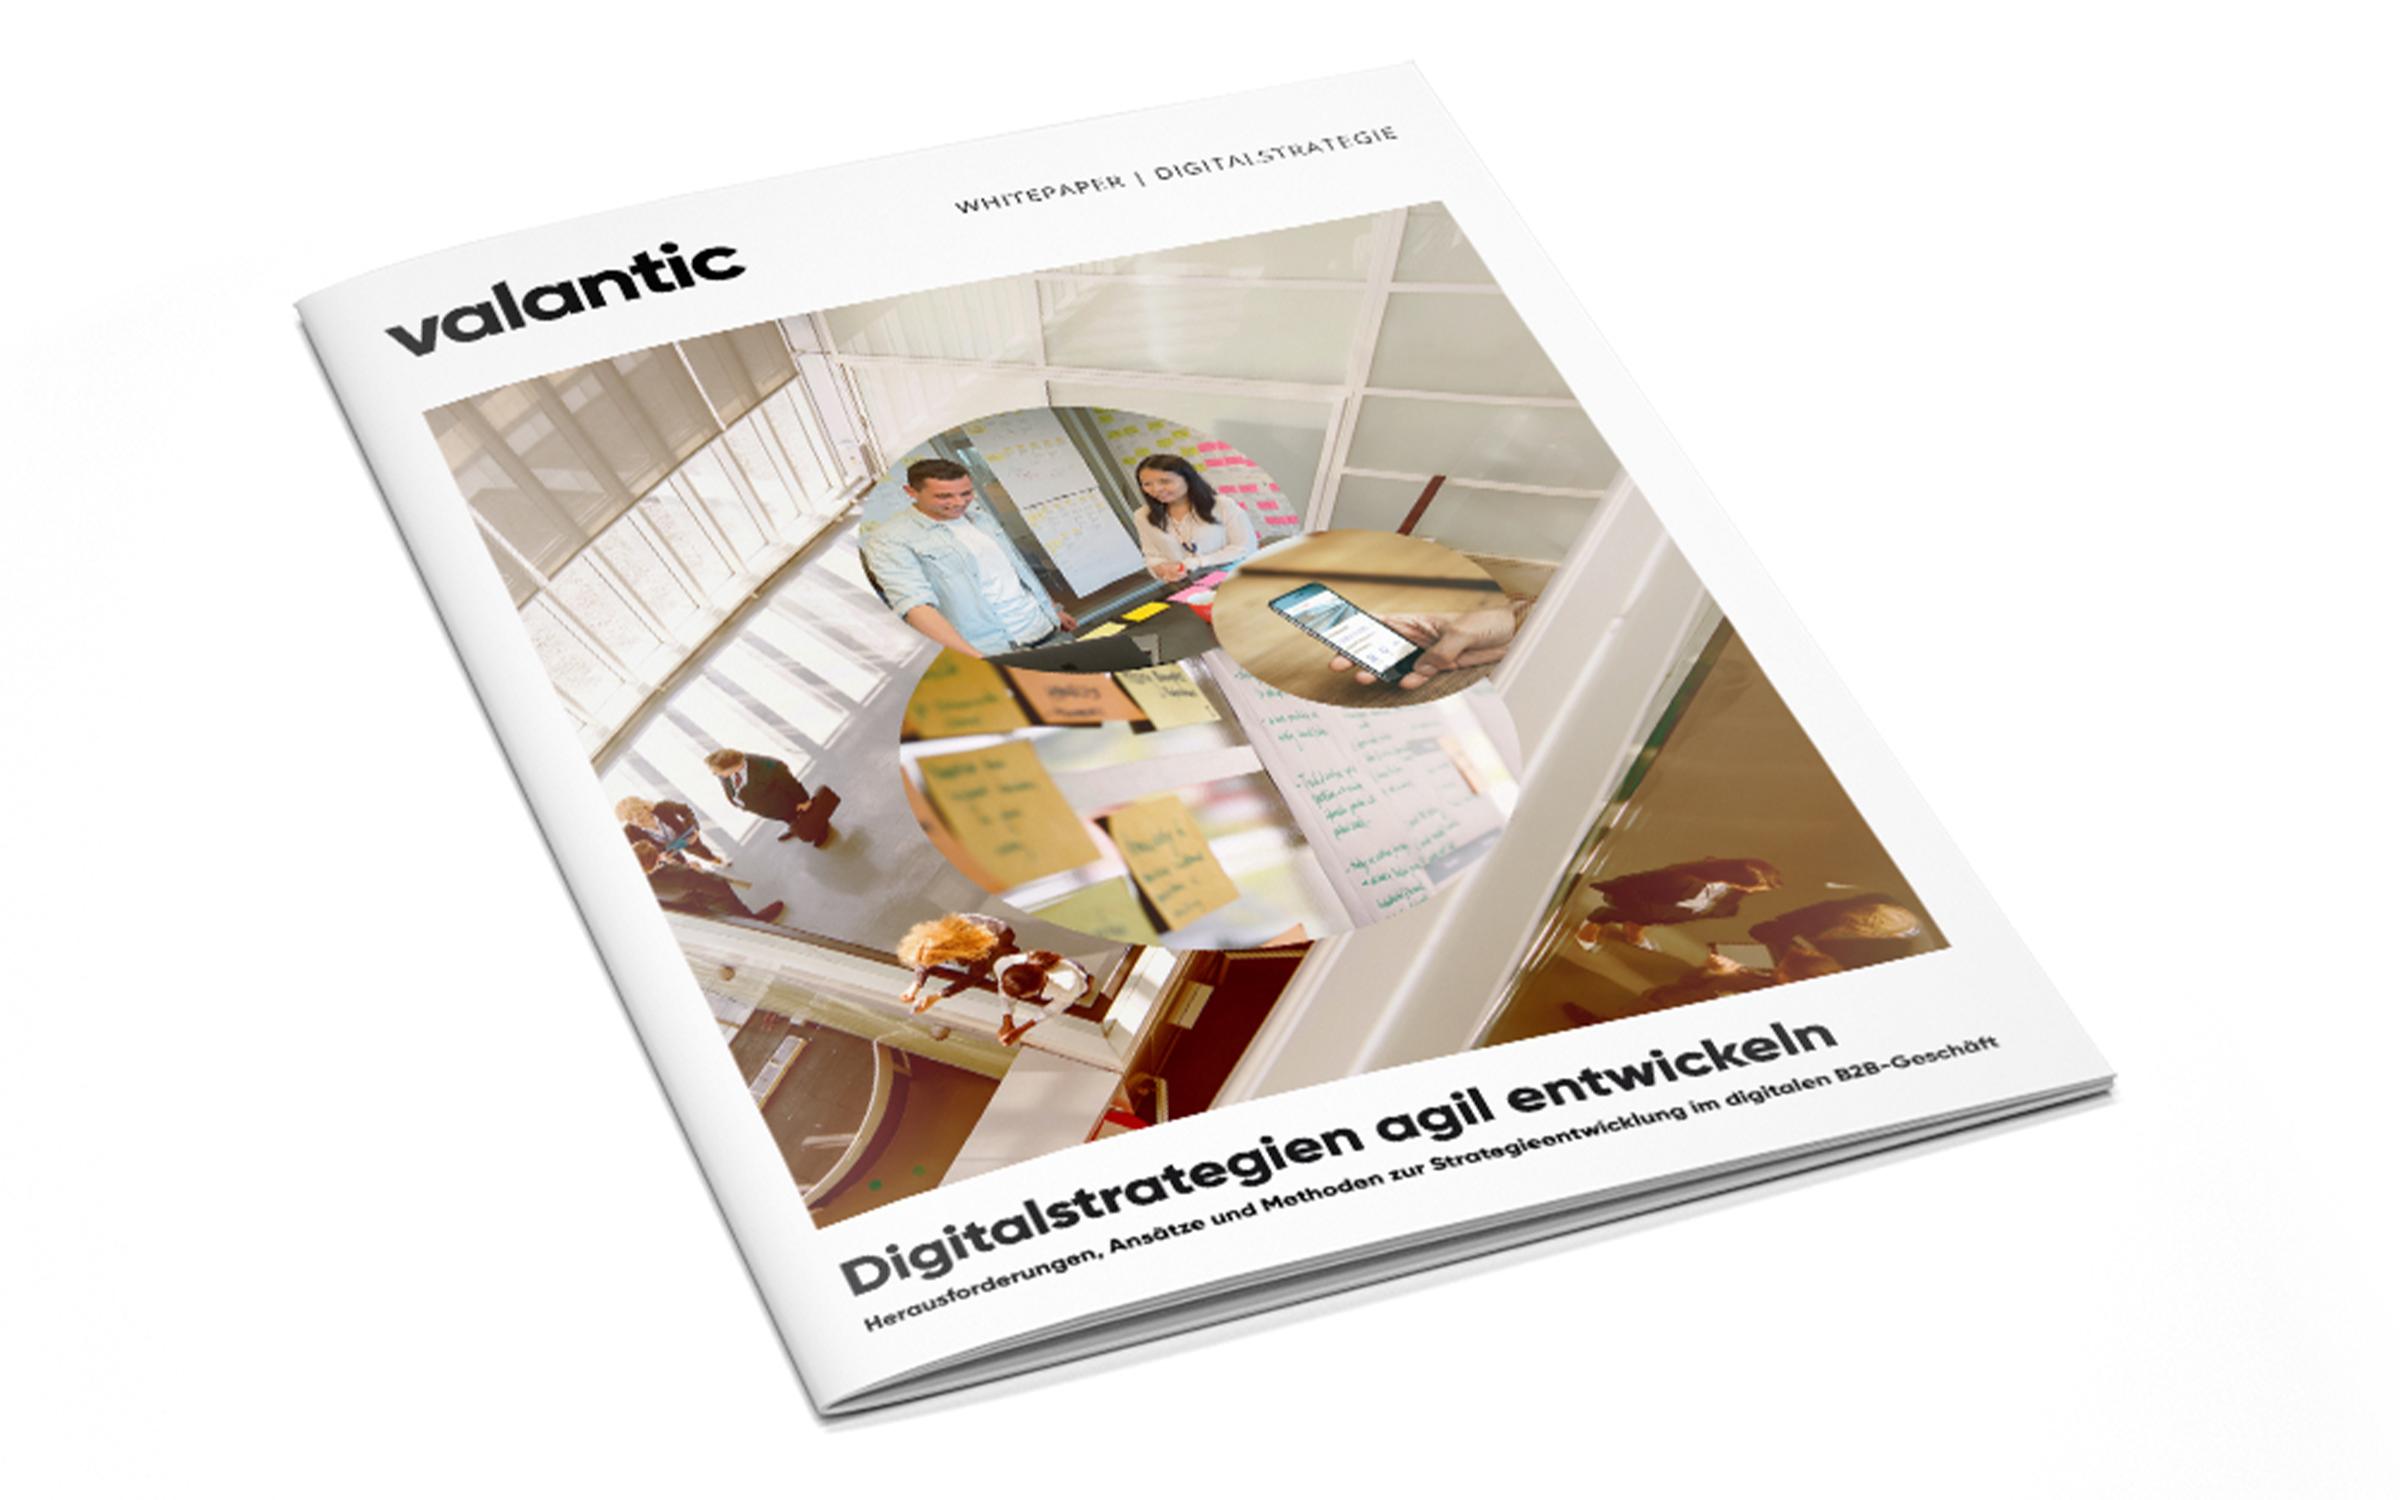 Bild einer Zeitschrift, valantic Whitepaper Digitalstrategien agil entwickeln